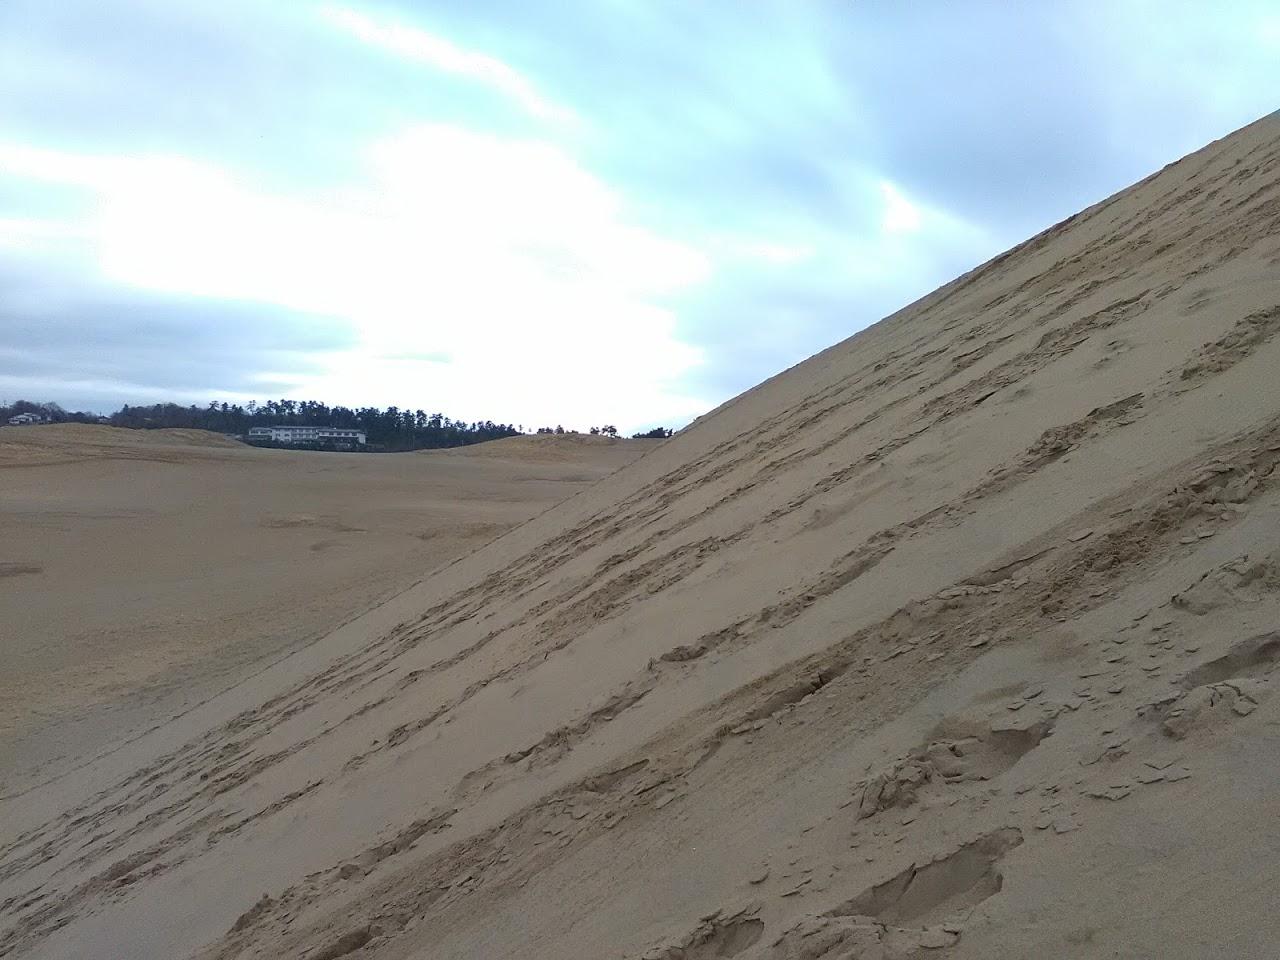 砂の丘より高いフライト